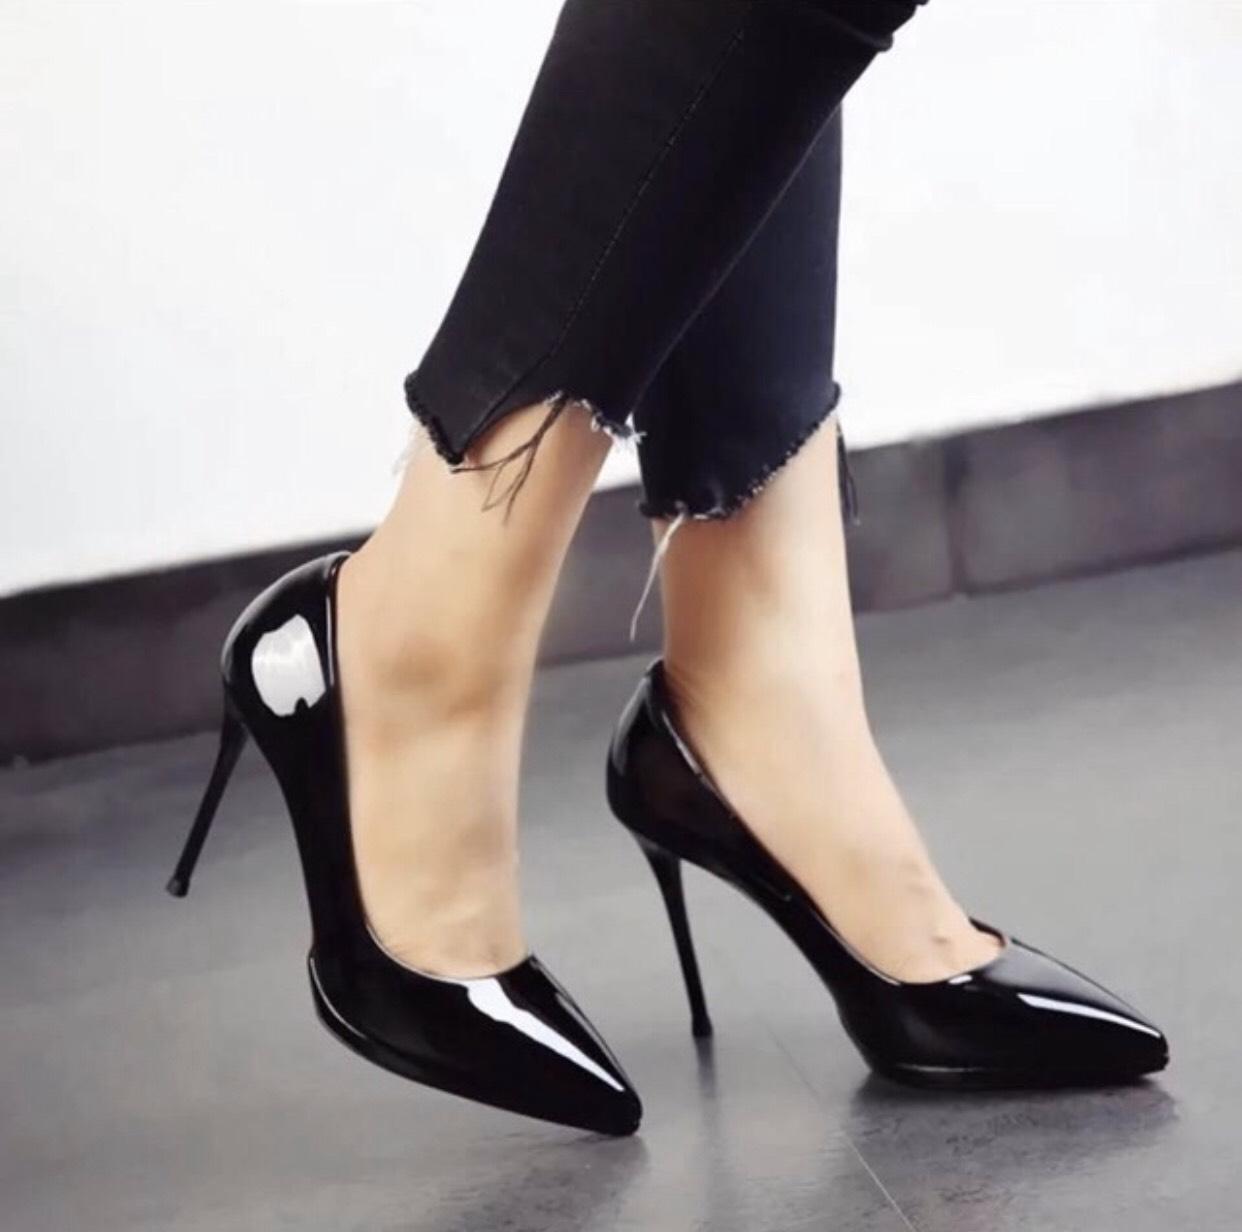 Giày cao gót nữ 9p gót nhọn da bóng dáng basic GC91 1